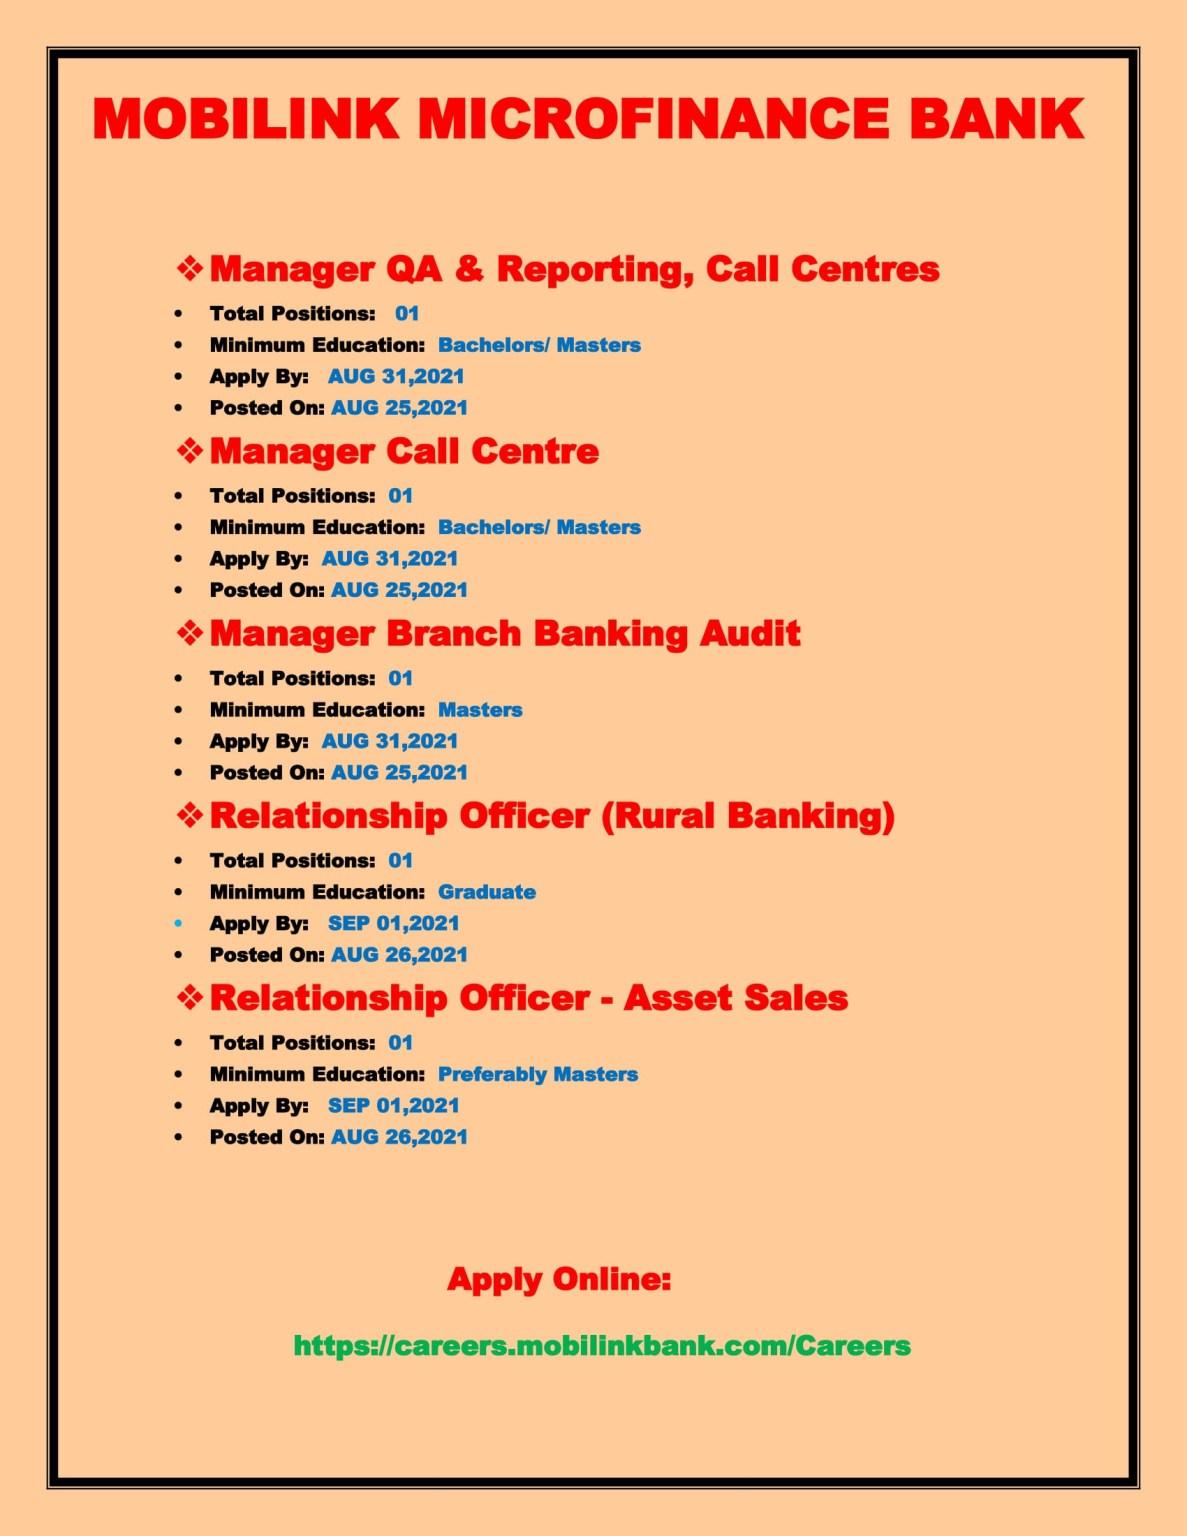 Mobilink Bank Jobs 2021-Jobs In Mobilink Microfinance Bank-Apply Online